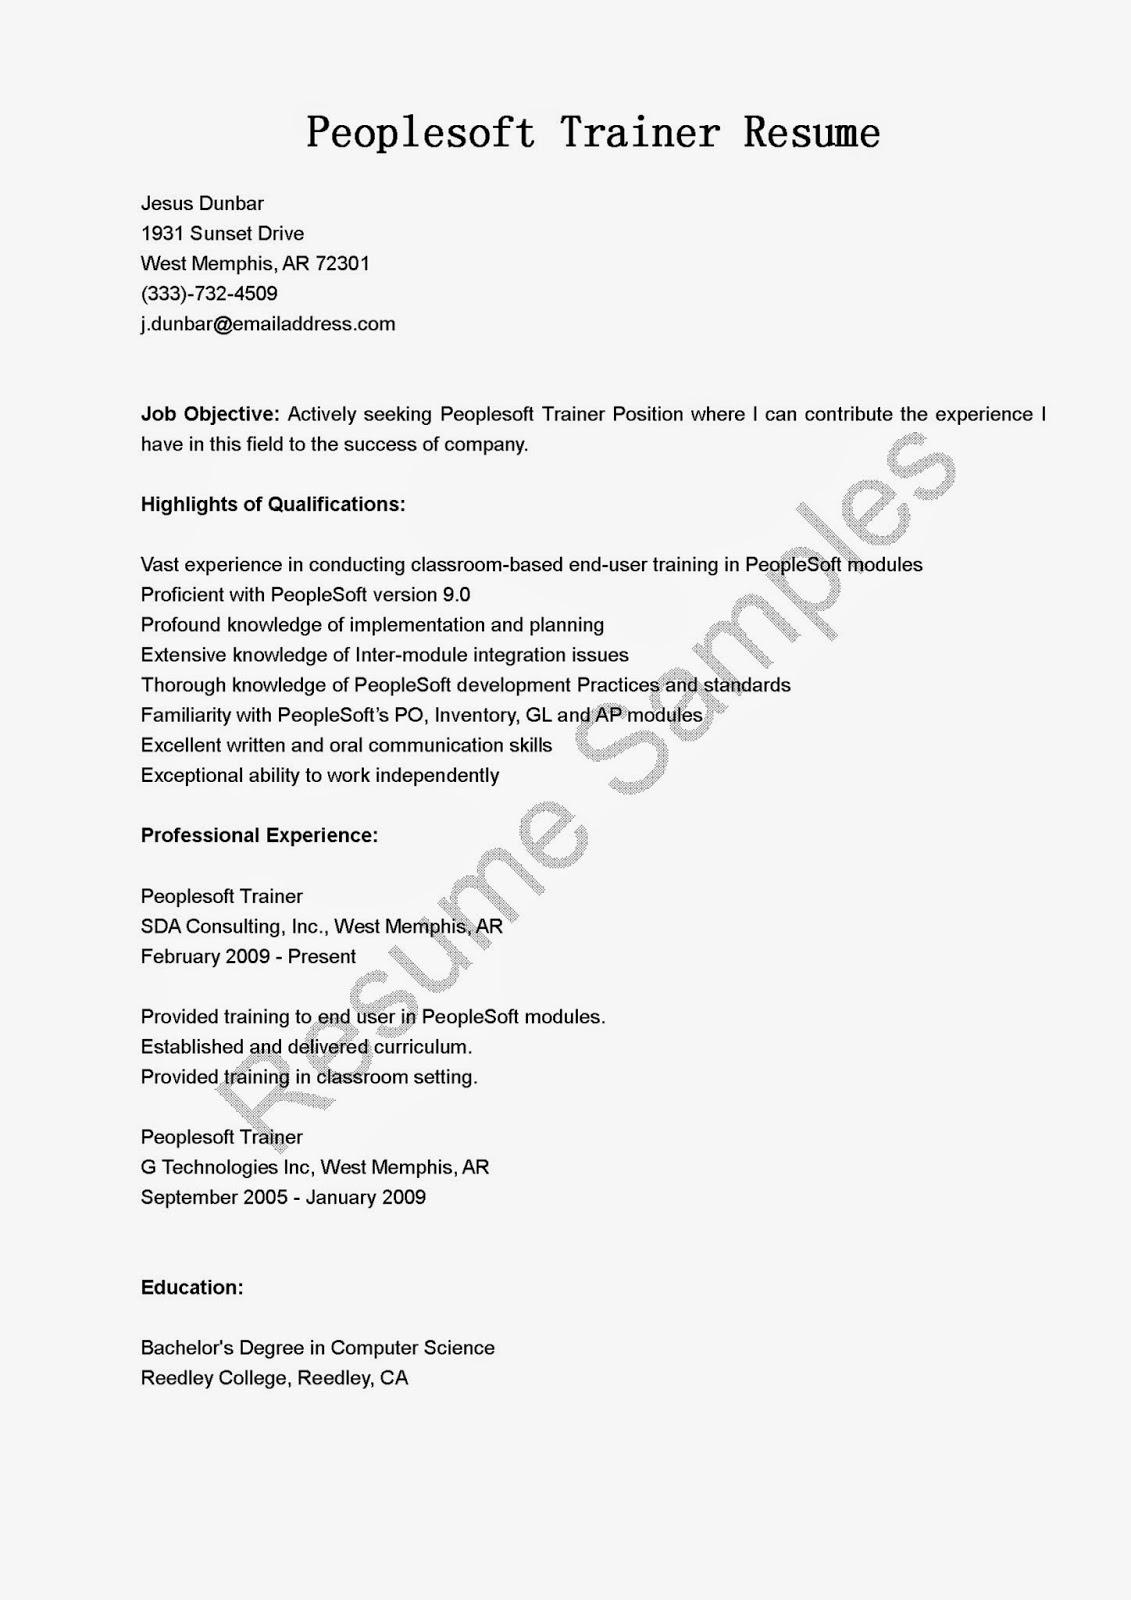 Resume Samples Peoplesoft Trainer Resume Sample